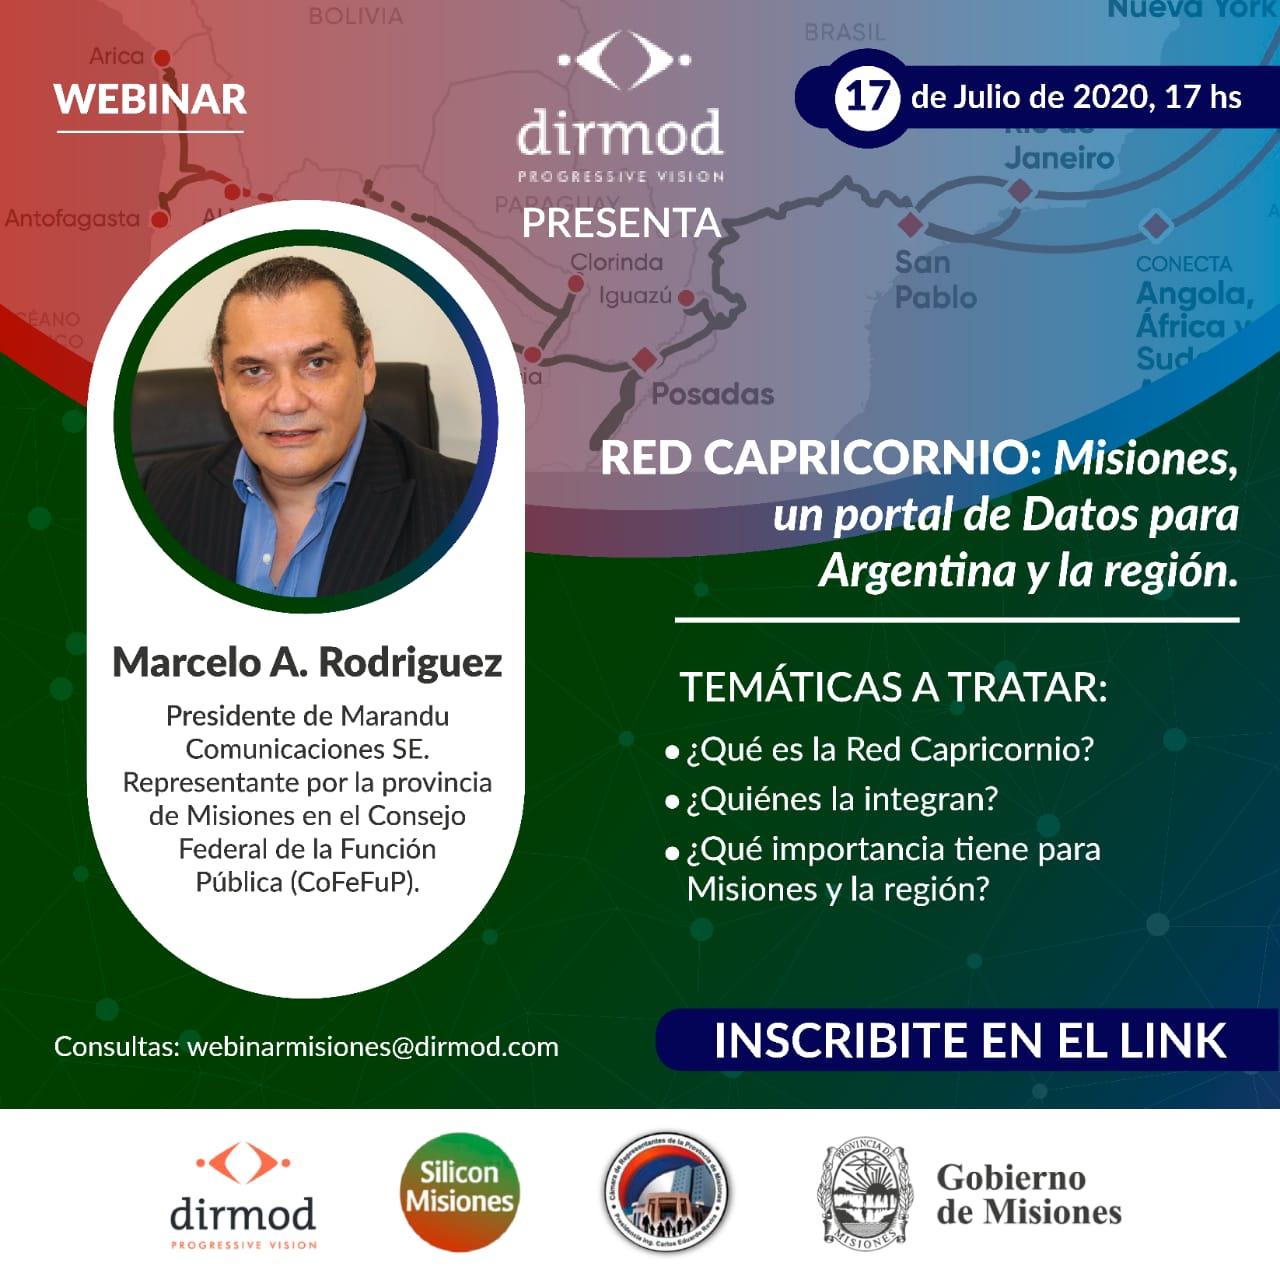 Disertarán sobre la Red Capricornio y el potencial de Misiones como portal de datos